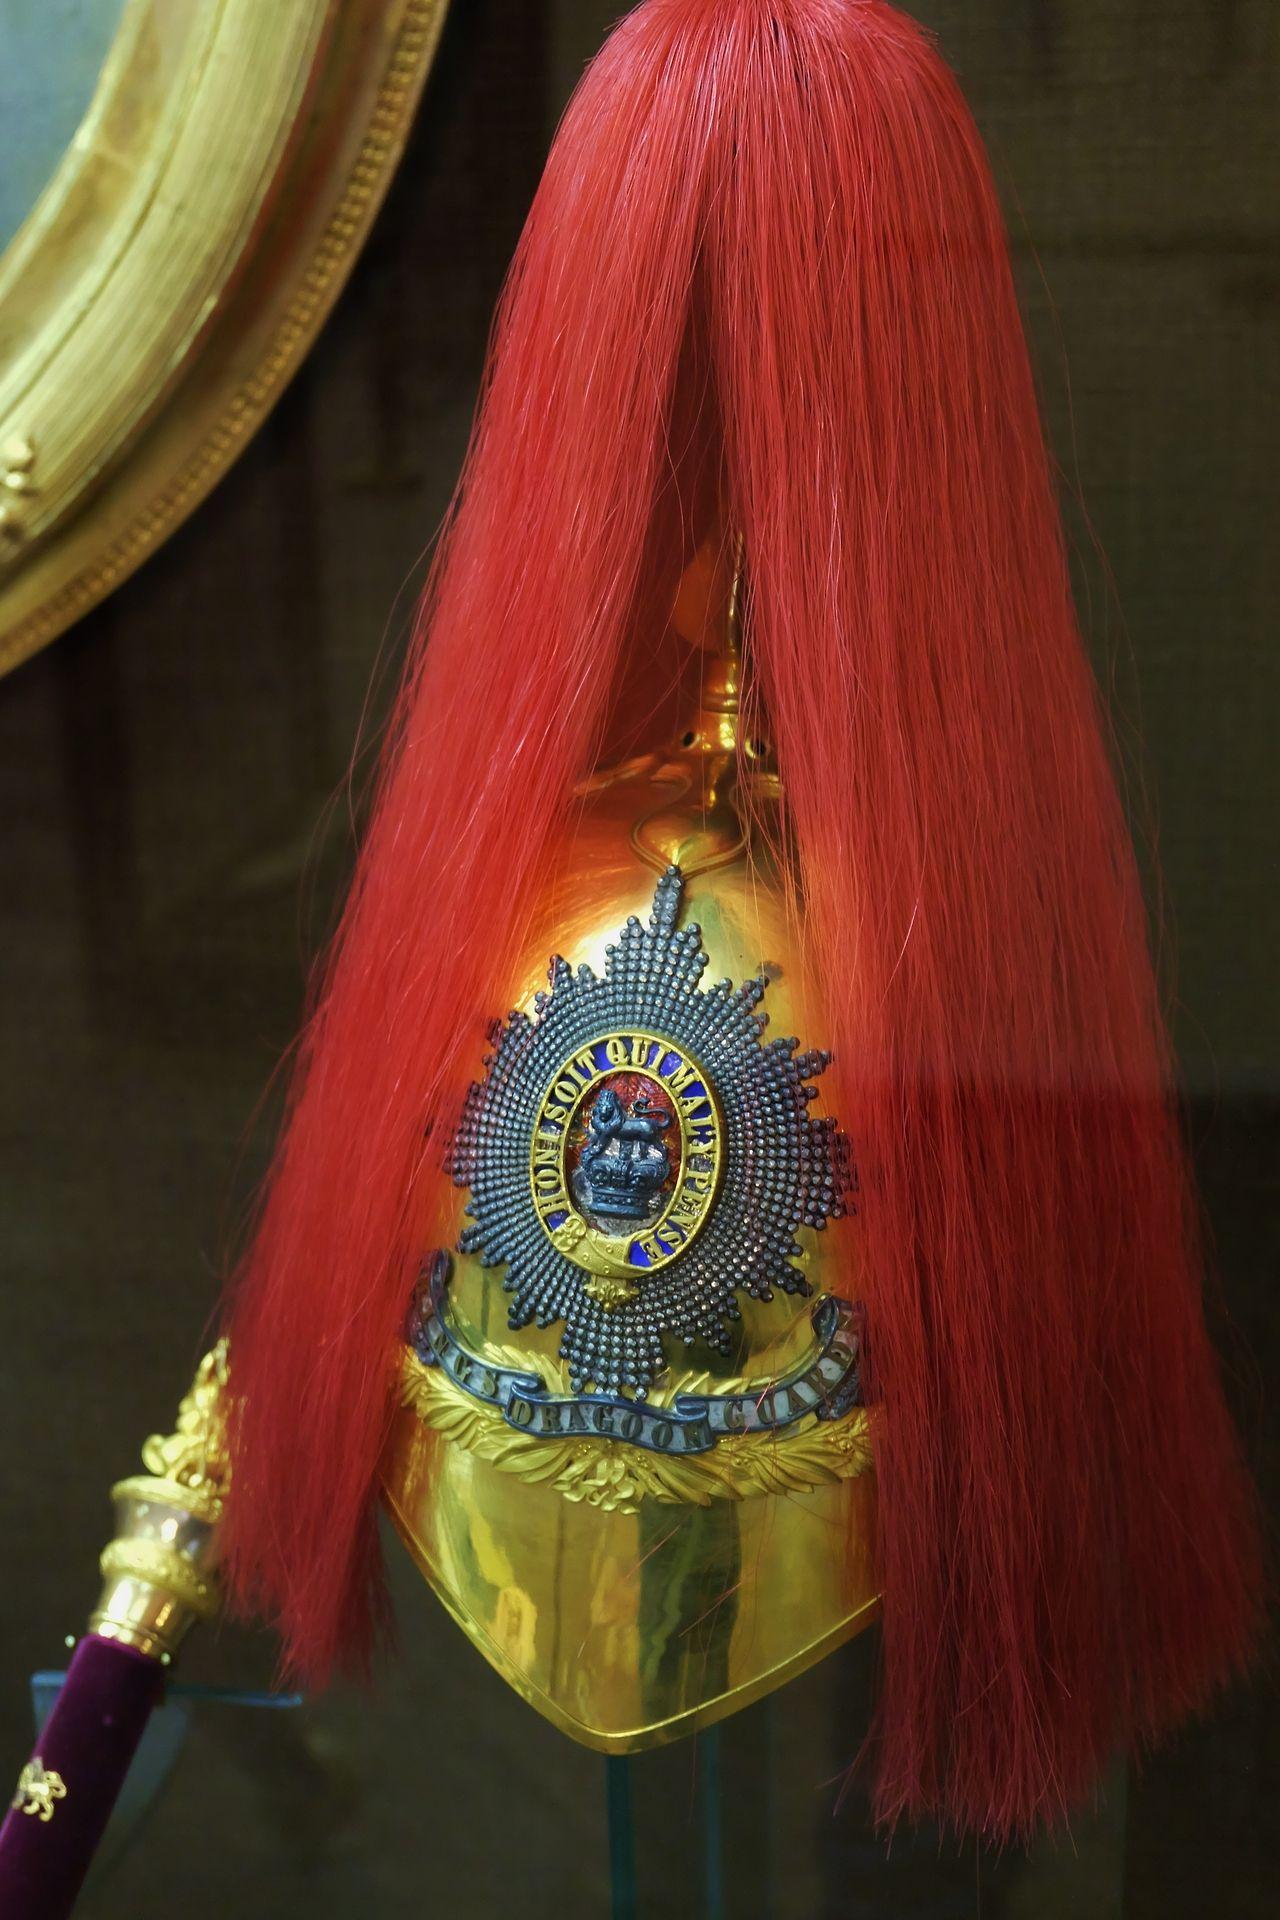 barbucomedie 1871 albert pattern helmet of the 1st king s dragoon